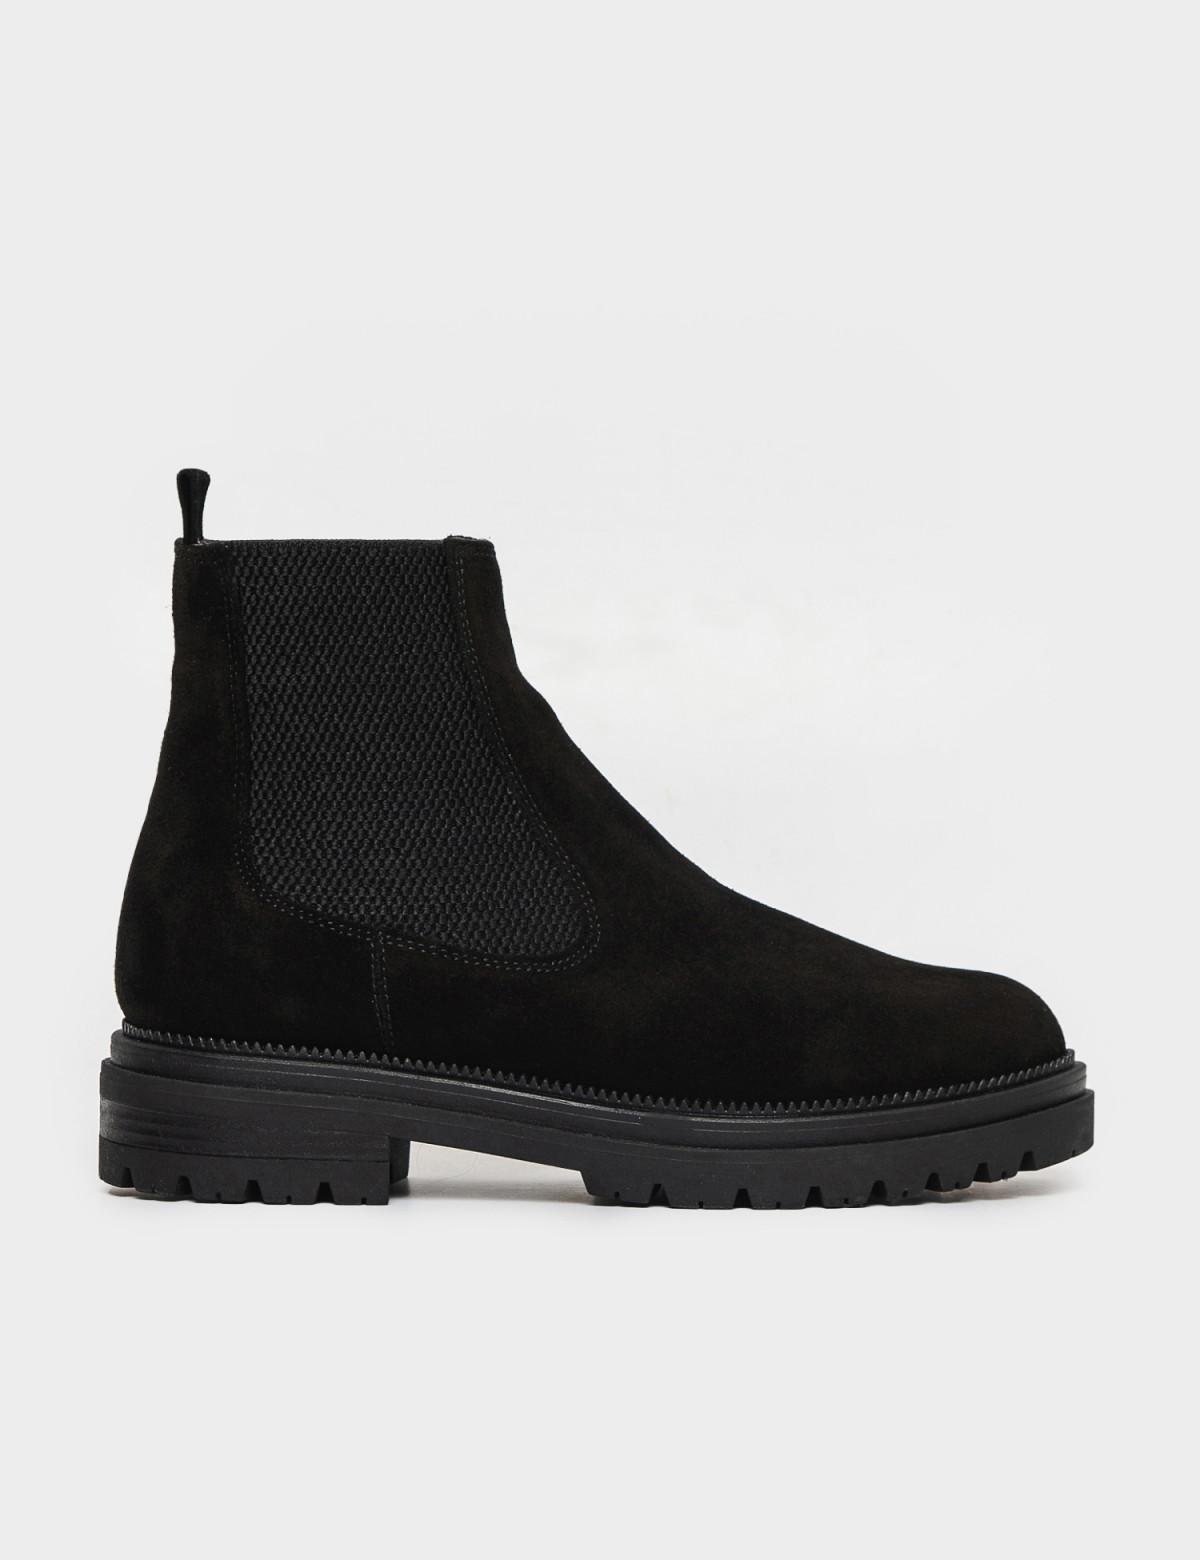 Ботинки черные. Натуральная замша. Байка